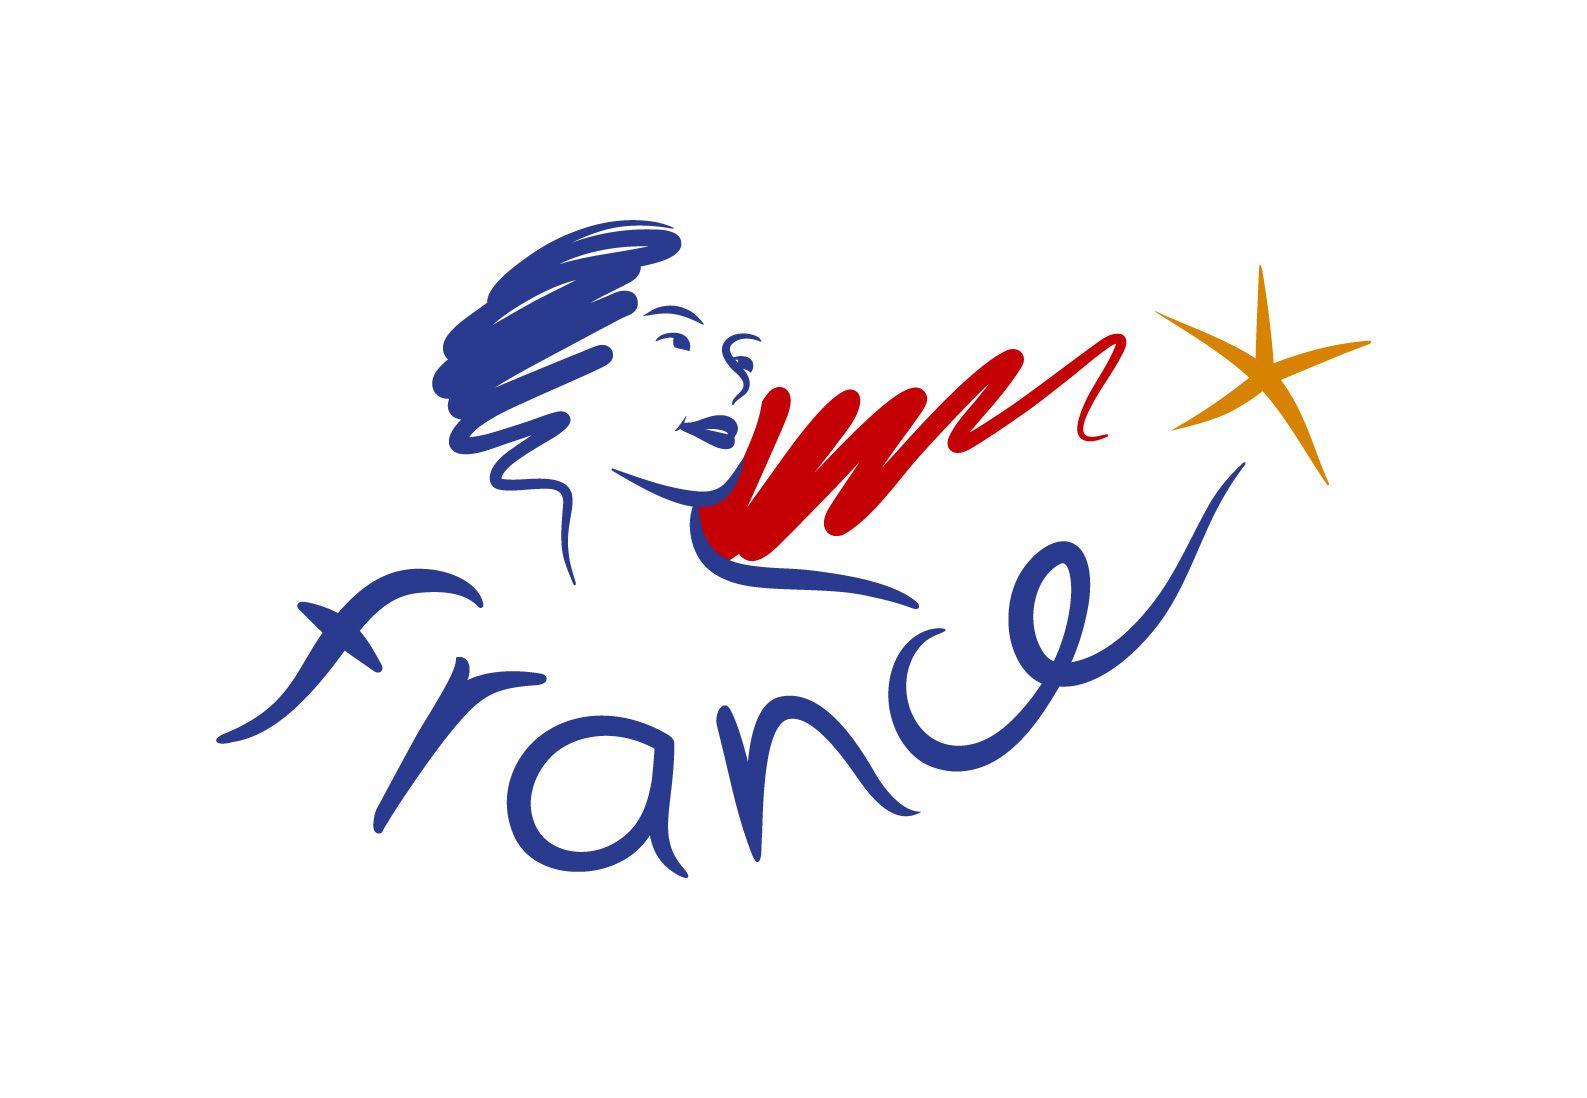 Marque France Atout France 2eme Version Tourism Logo Tourism France Country